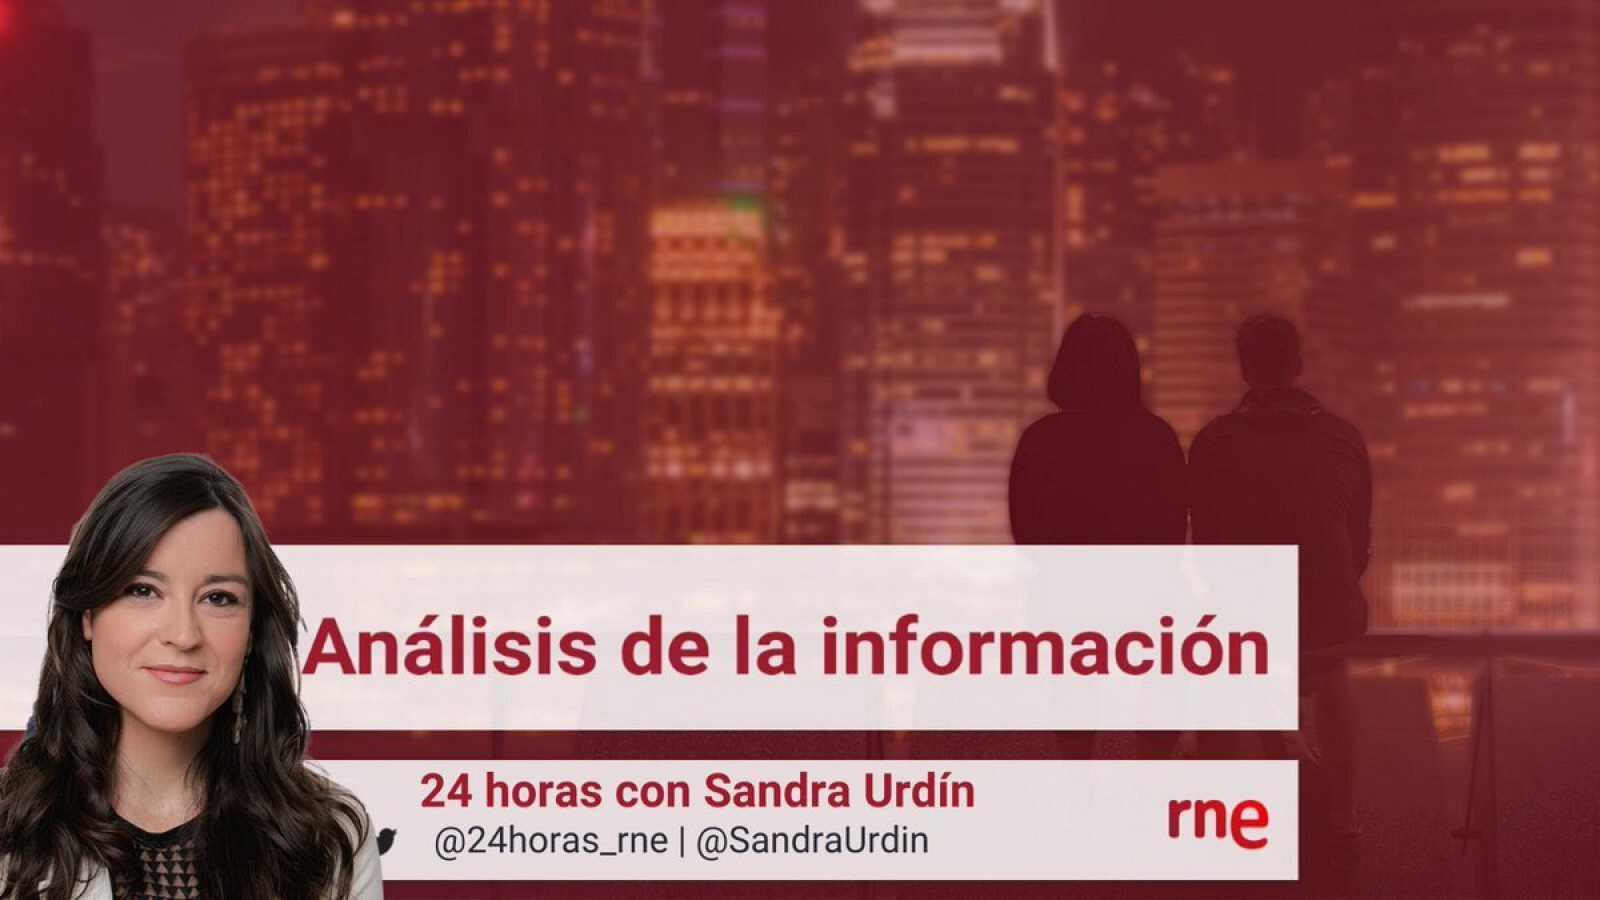 24 horas - Análisis de la información - 06/07/20 - escuchar ahora